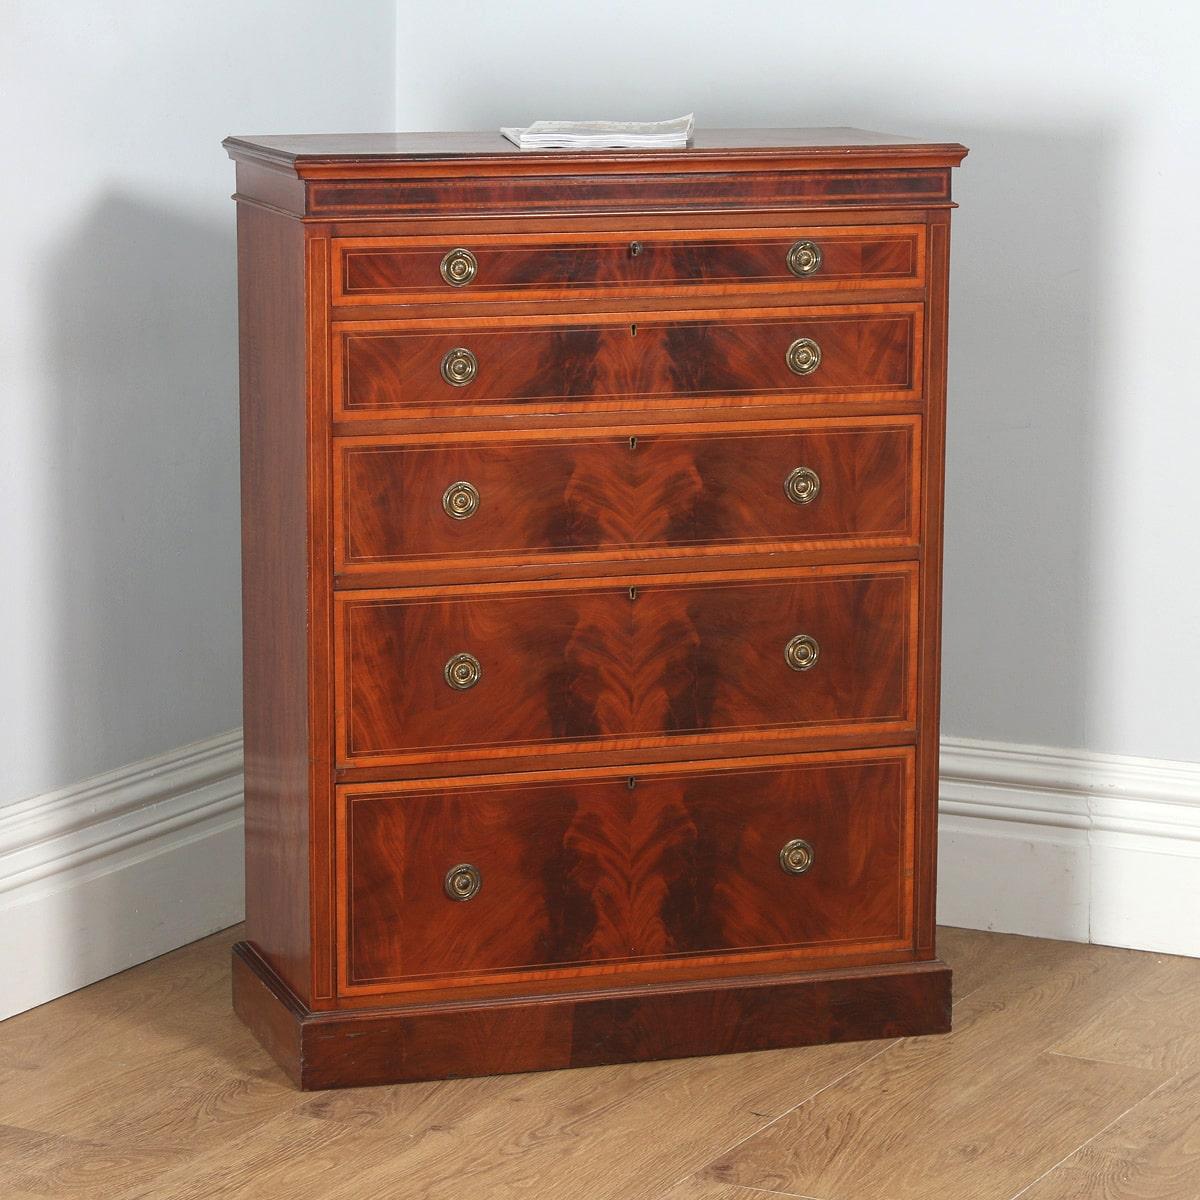 Other Antique Furniture Edwardian (1901-1910) Antique Satinwood Dresser